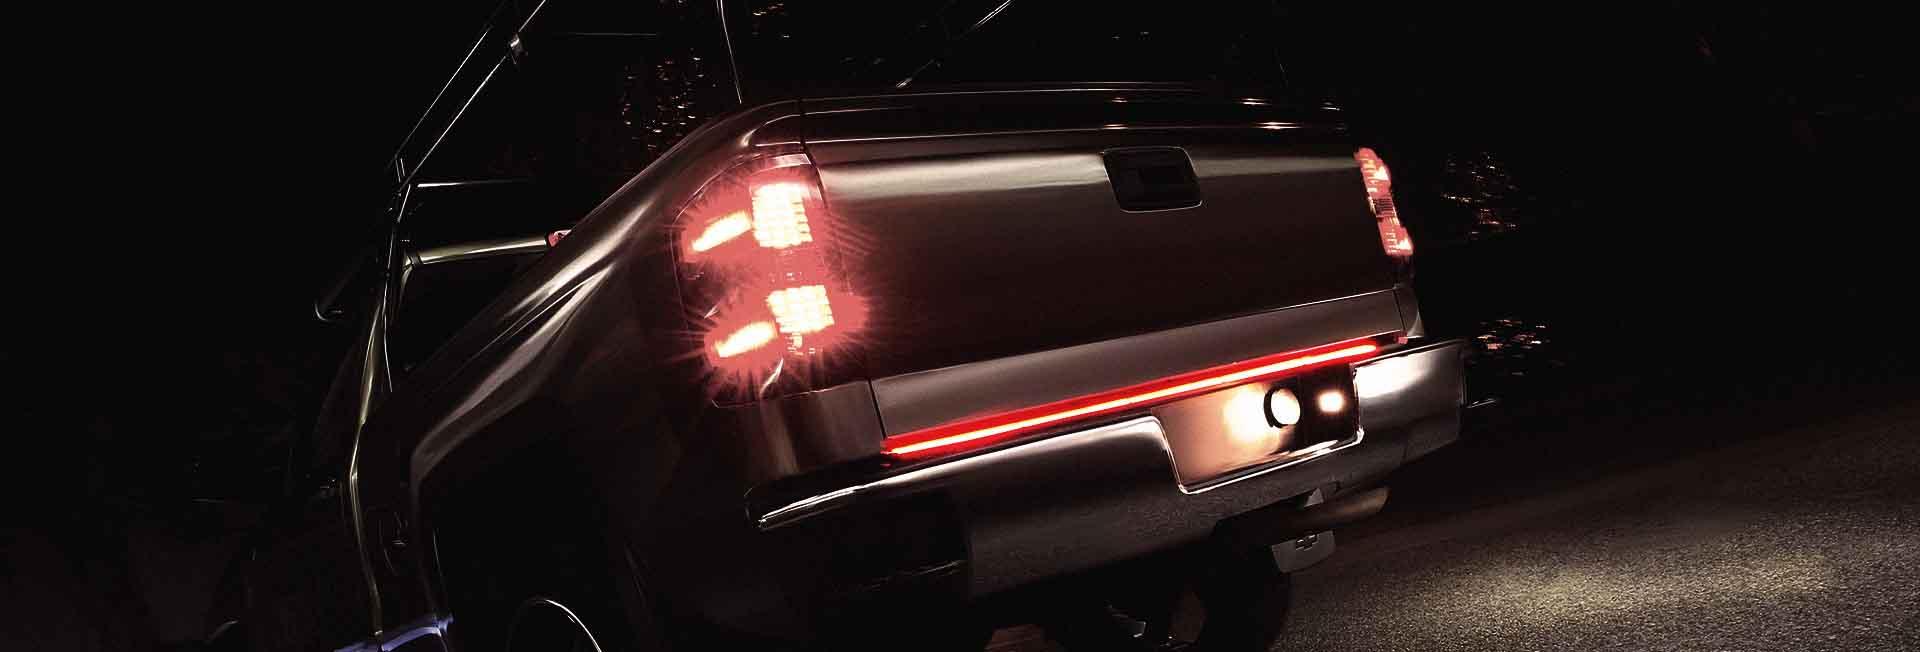 Tailgate Light Bars